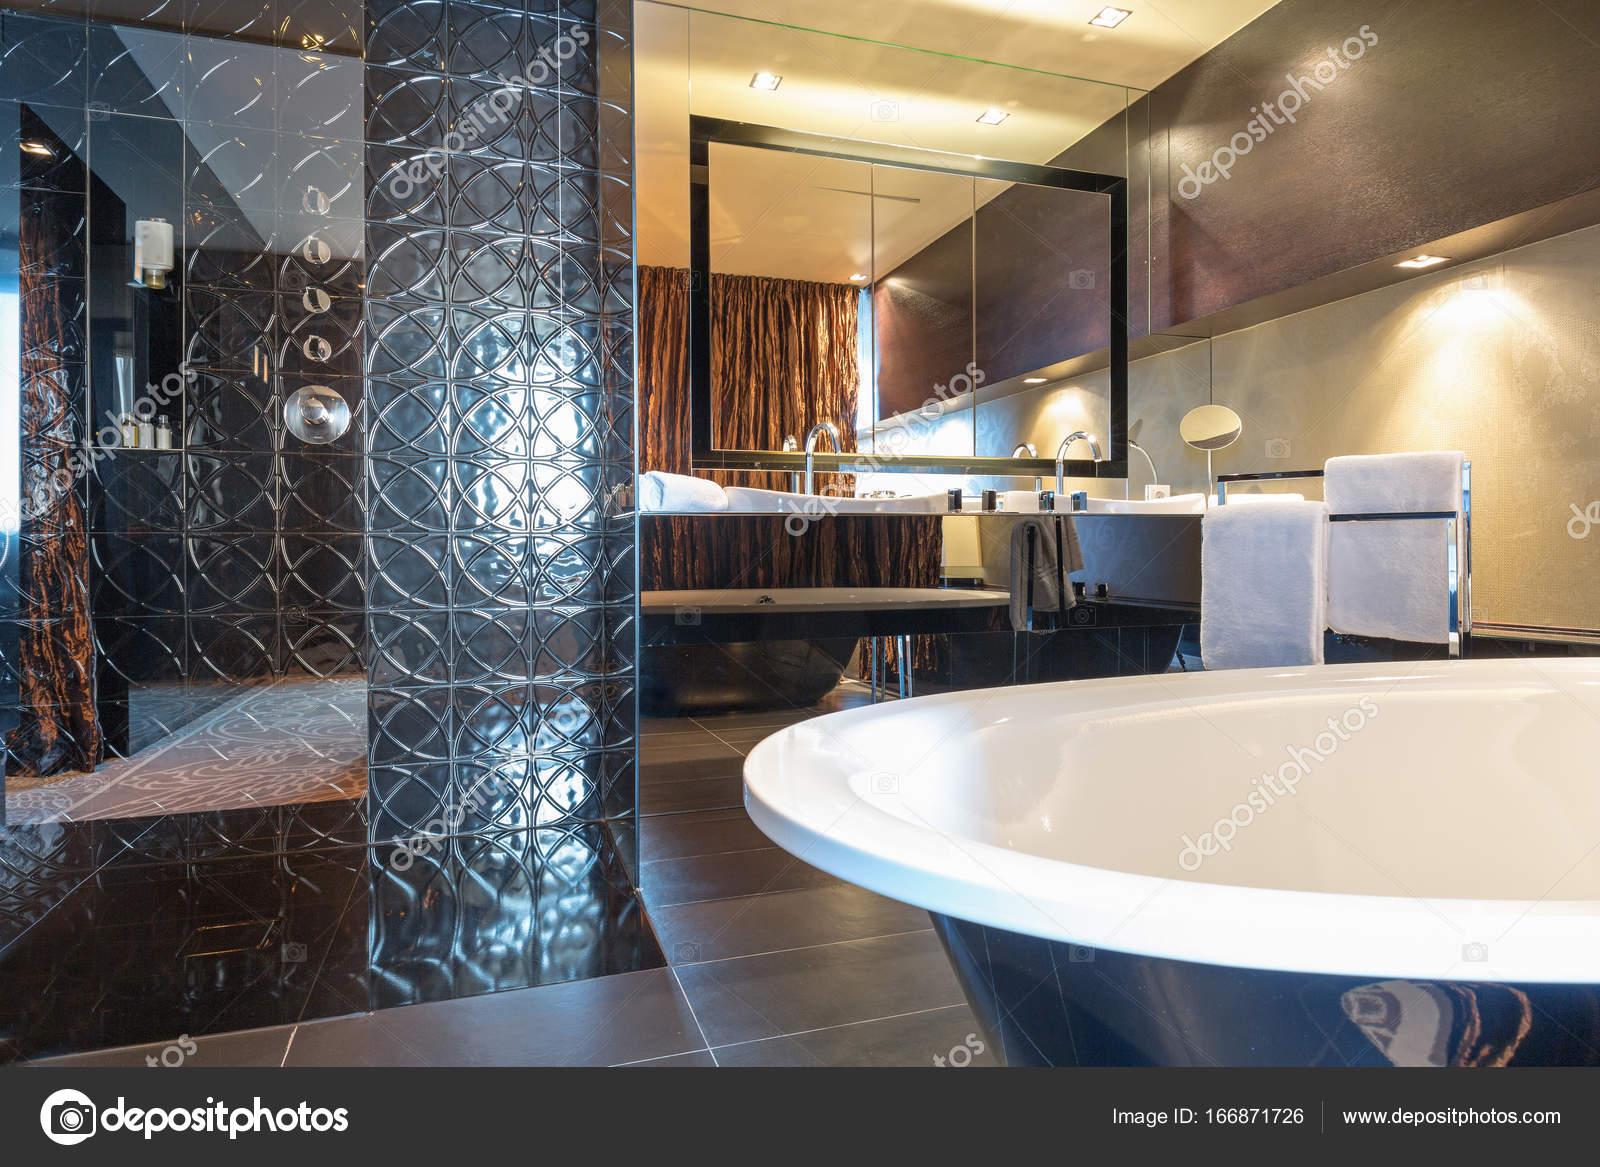 Luxe Badkamer Interieur : Luxe badkamer interieur u2014 stockfoto © rilueda #166871726